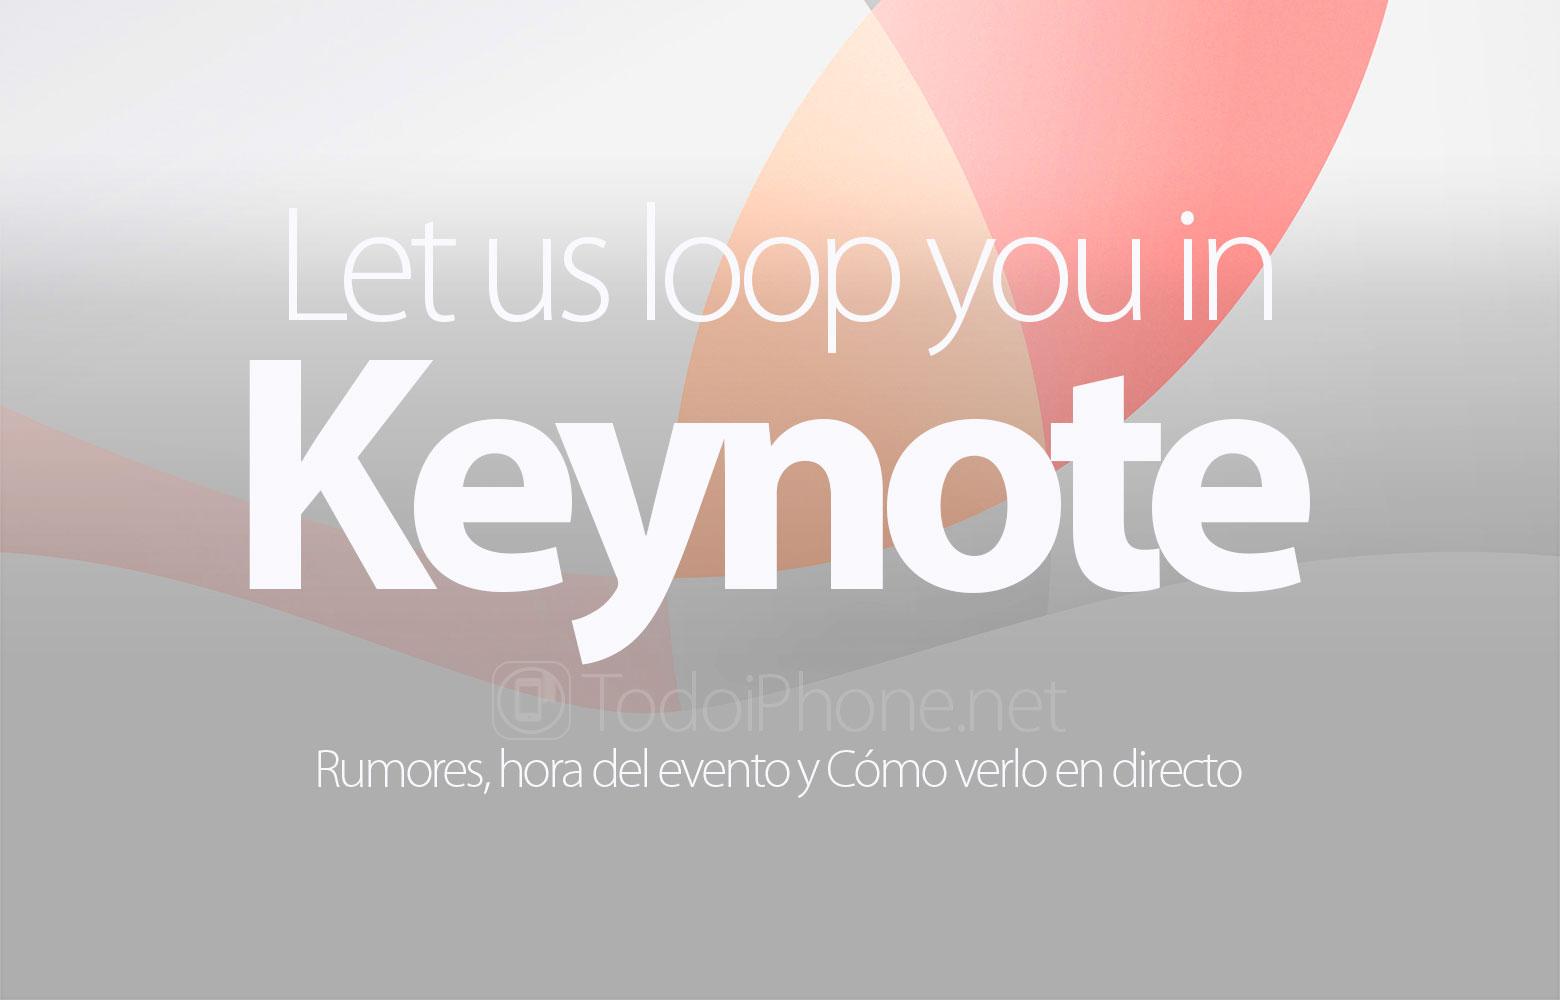 keynote-let-us-loop-you-in-rumores-hora-ver